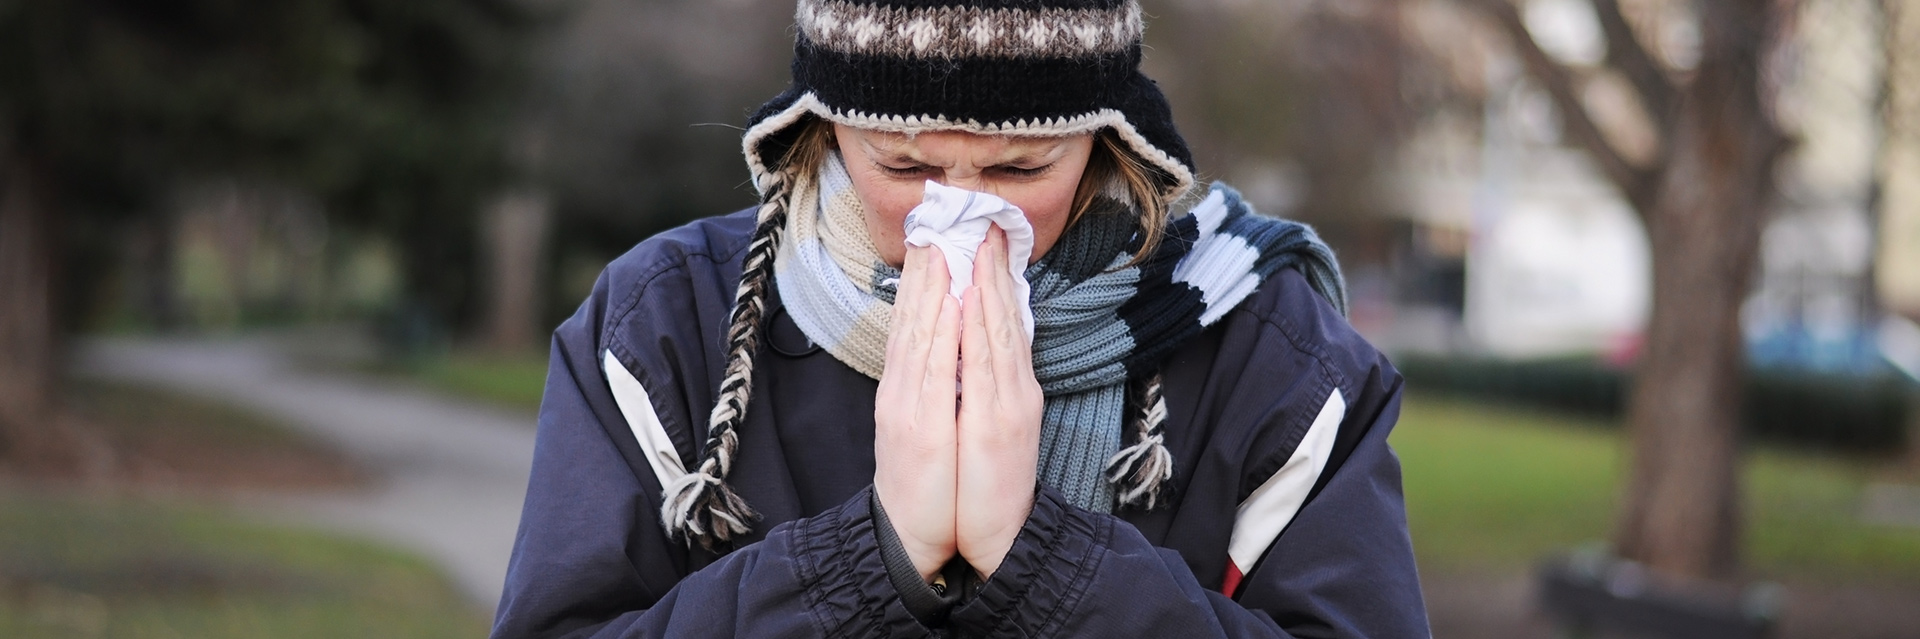 Katar wynikający z przeziębienia czy katar alergiczny - potrafisz je odróżnić?